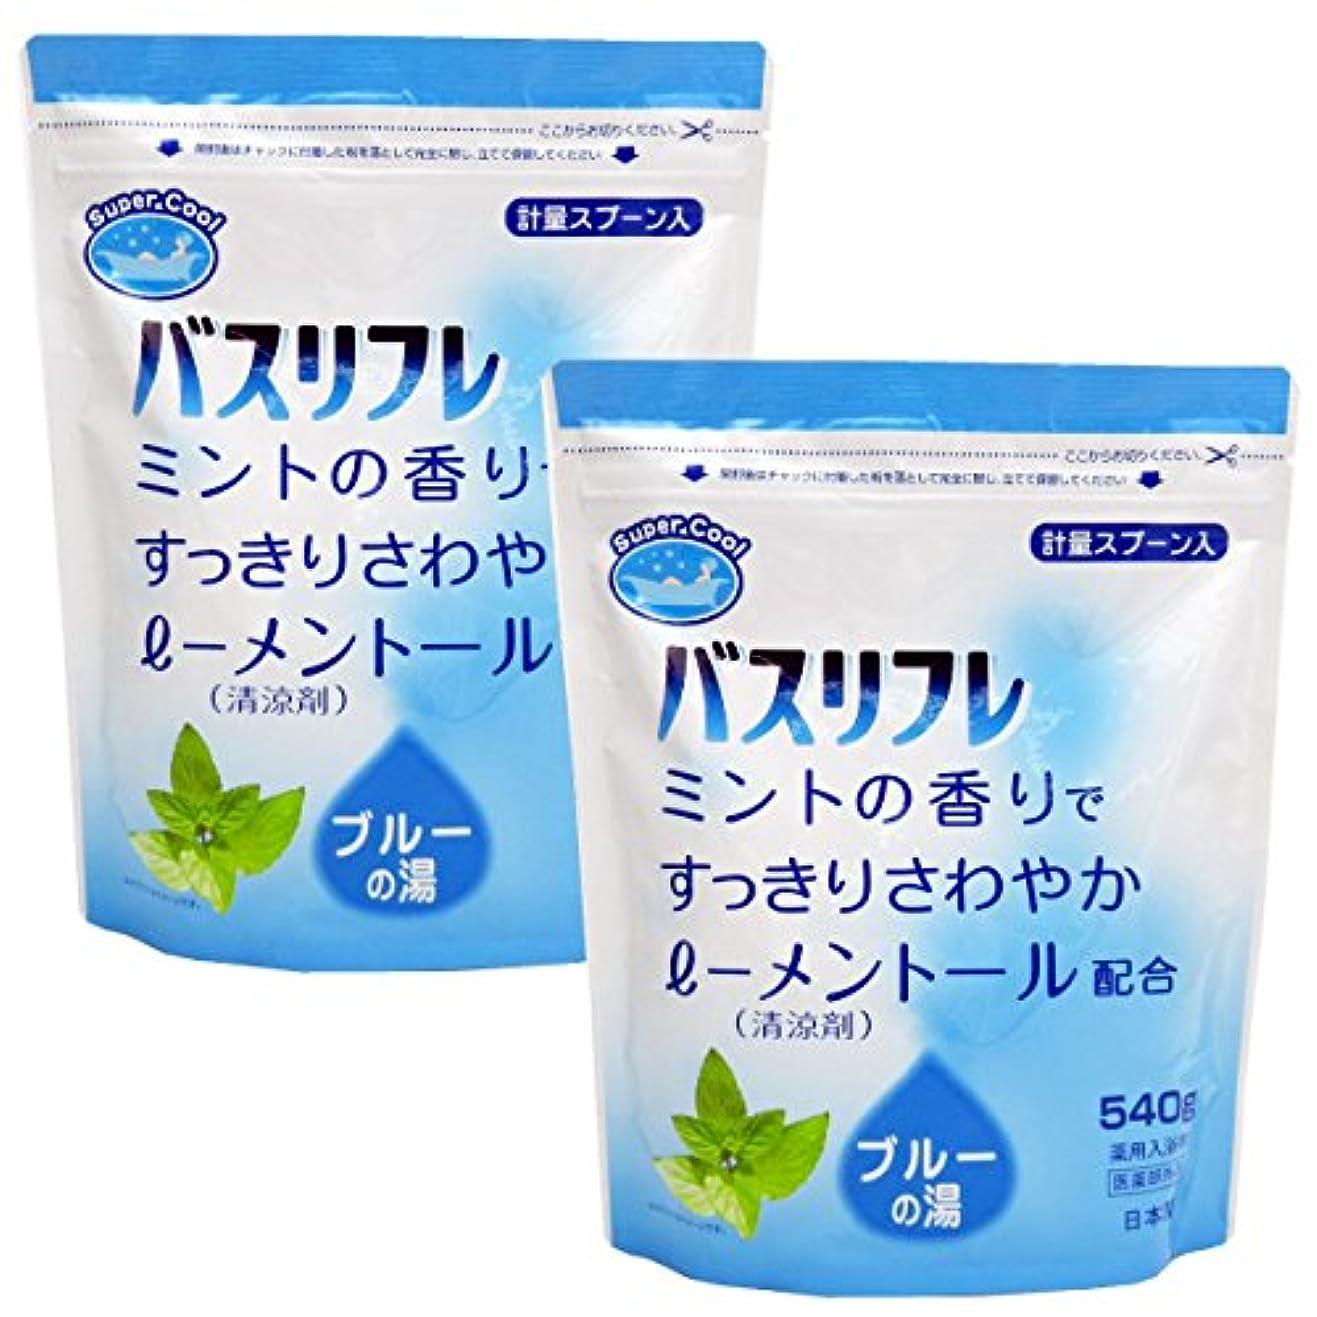 クリエイティブ滴下硬い入浴剤 クール 薬用入浴剤 バスリフレ スーパークール540g×2個セット 日本製